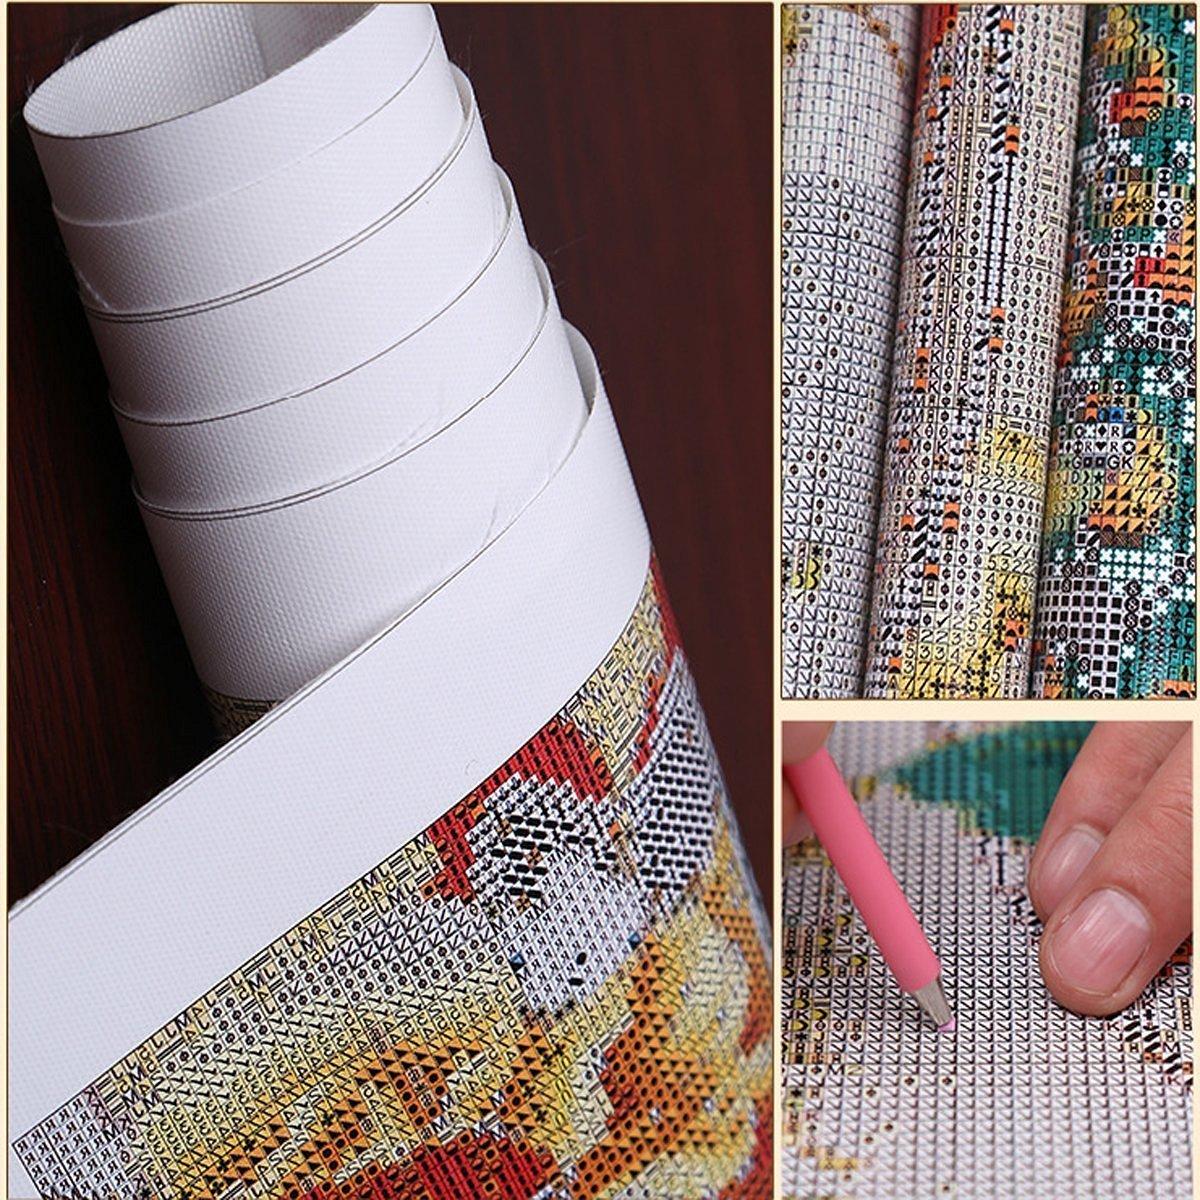 manualidades para decorar la pared de tu casa dise/ño con pavo rosa sobre una rama Cuadro con diamantes de imitaci/ón bordados 5D de 30 x 40 cm